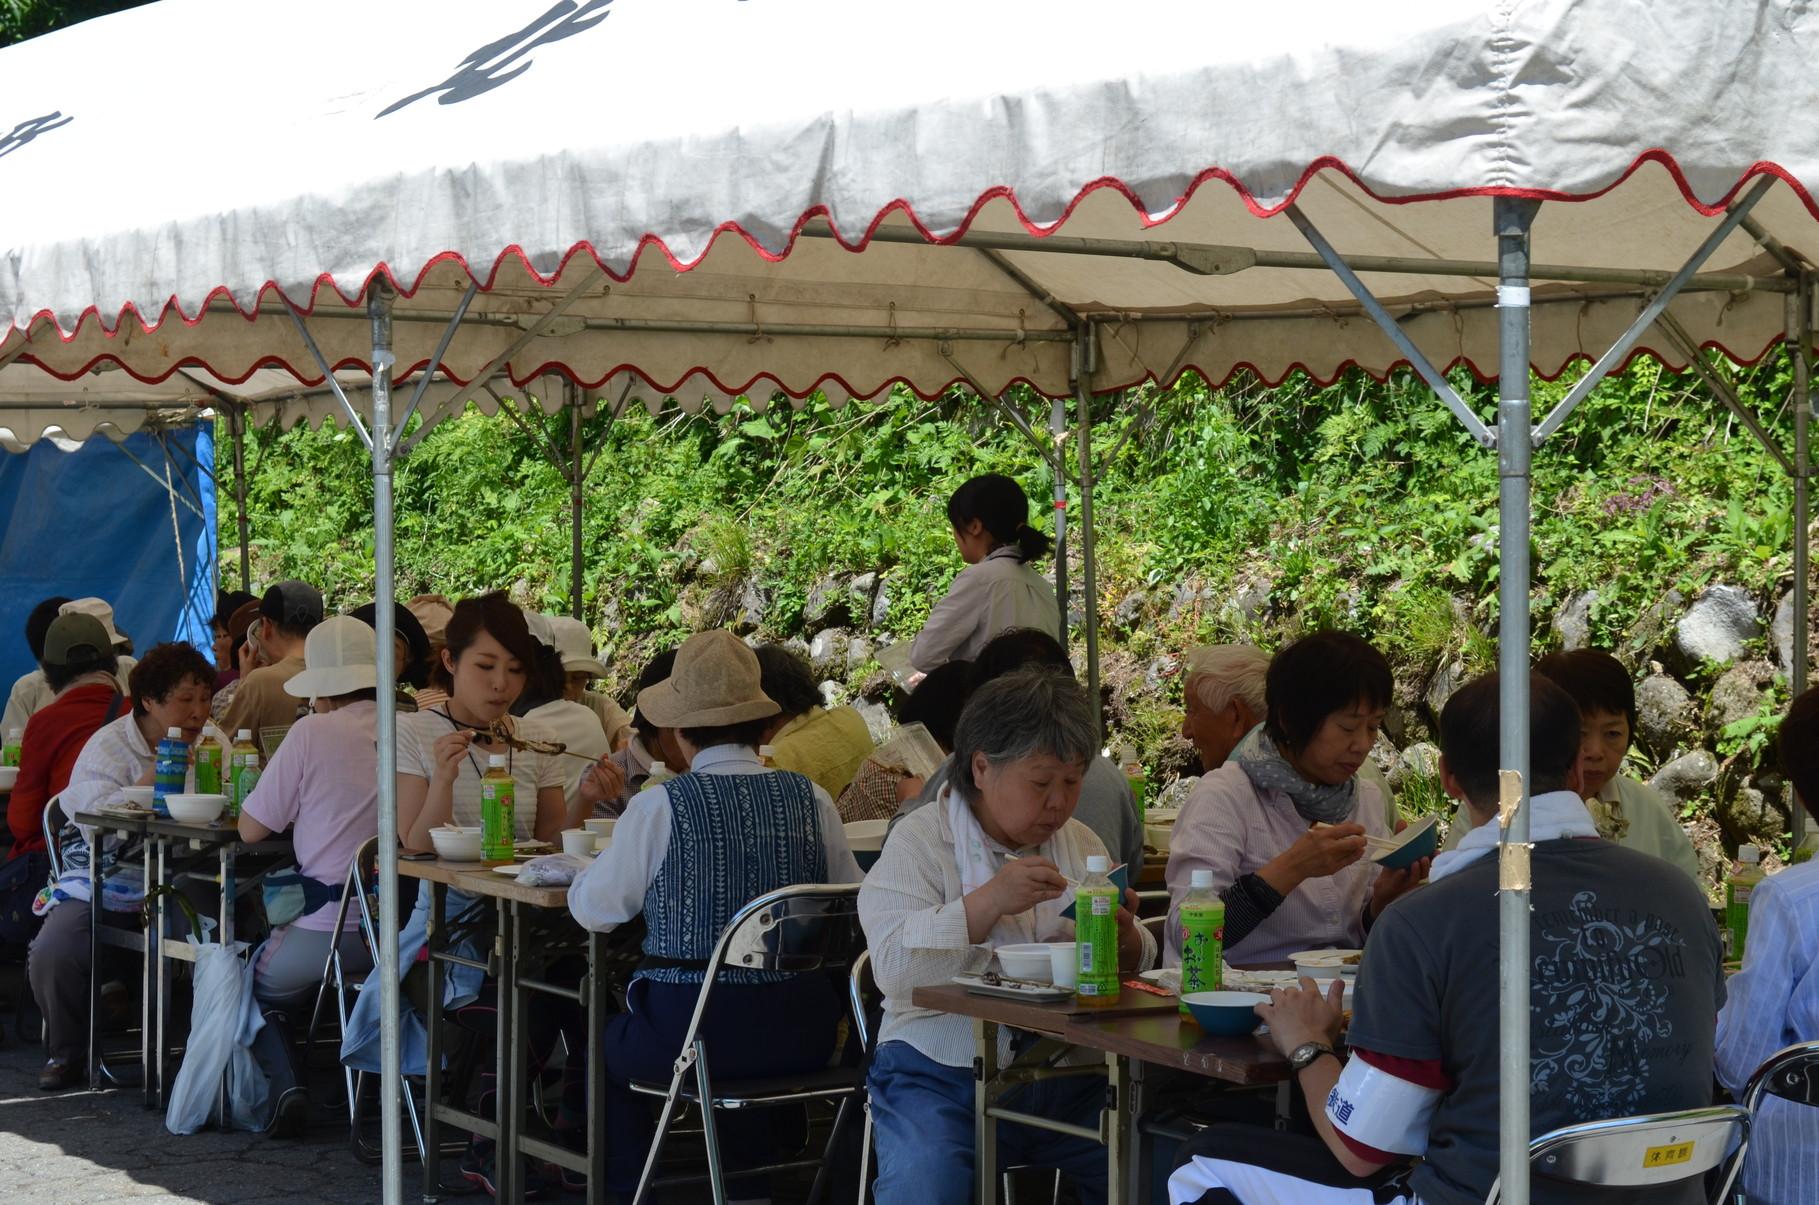 山菜料理を堪能(^^)えちてつ山菜ツアーの参加者の皆さん